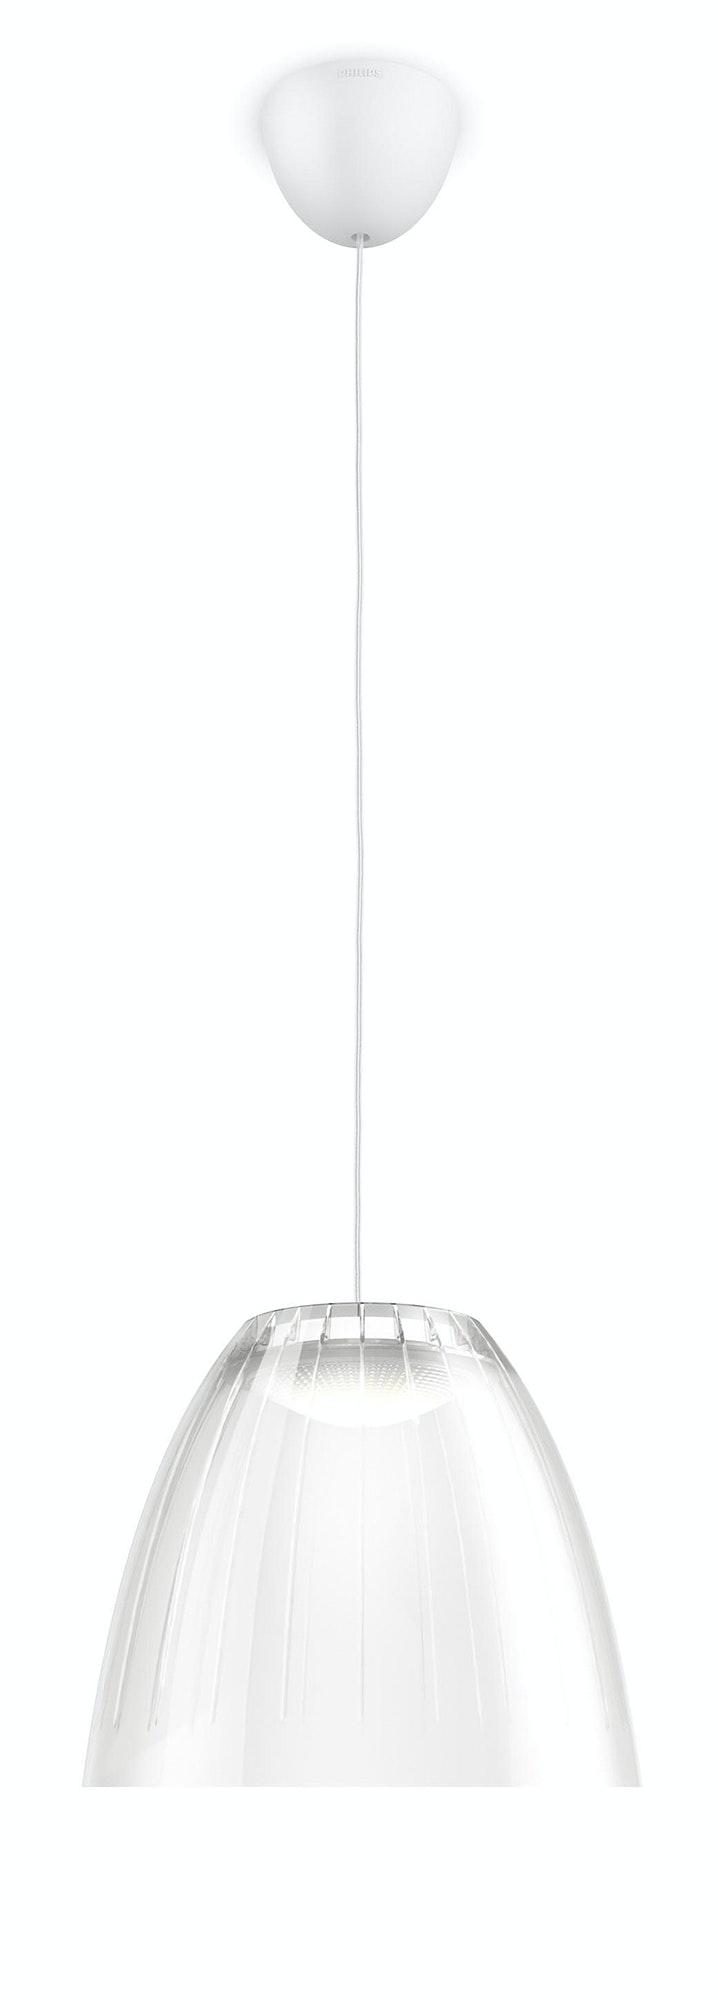 Pendant Philips Tenuto klar 1x4.5W 230V